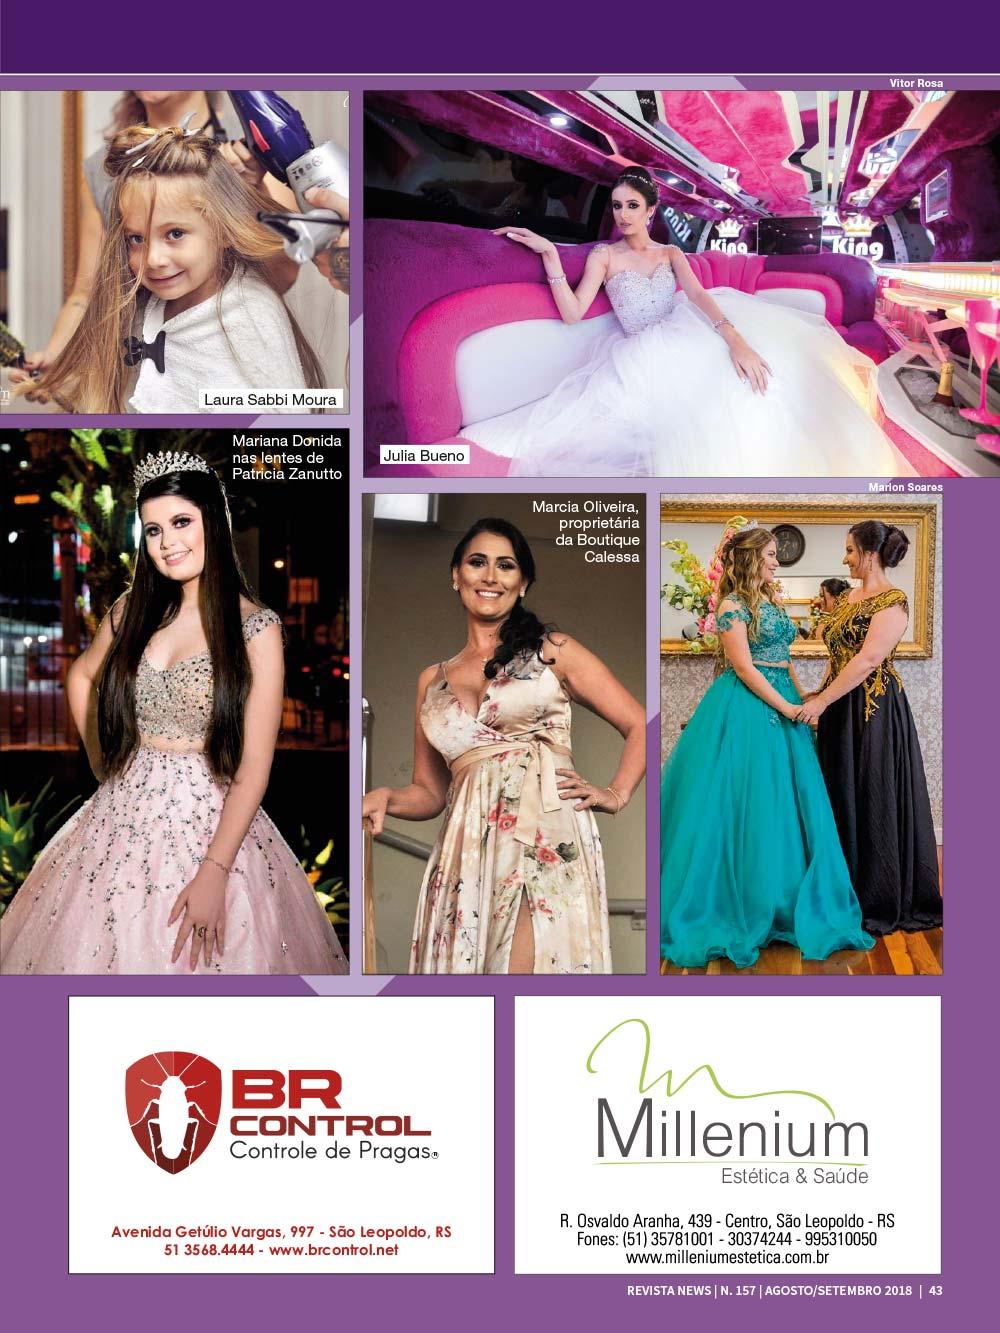 Revista News 157 43 - Nina Sabbi Moura - Edição 157